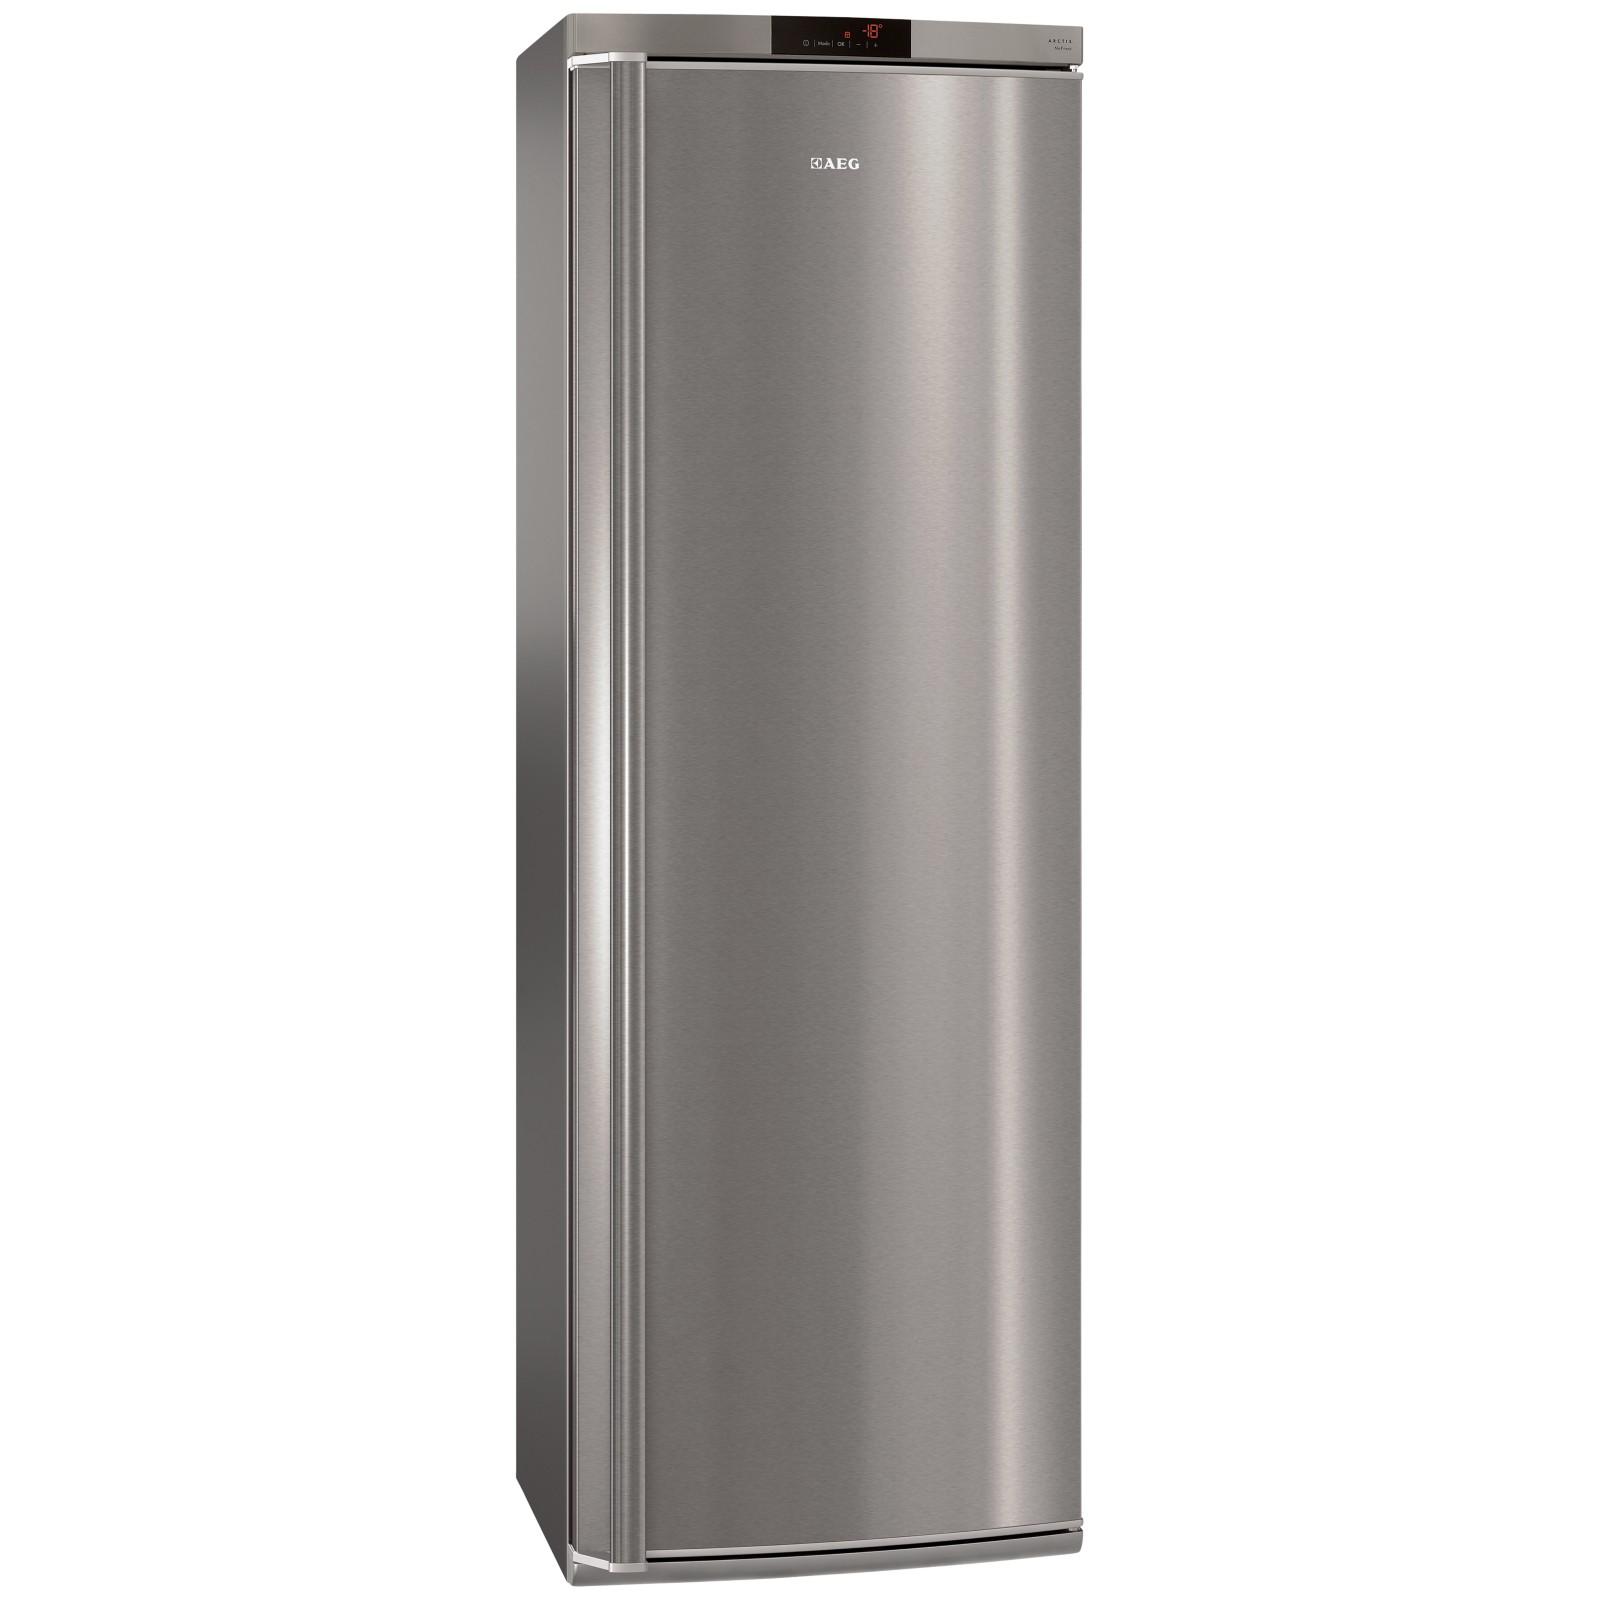 AEG A72710GNX0 Tall Freezer